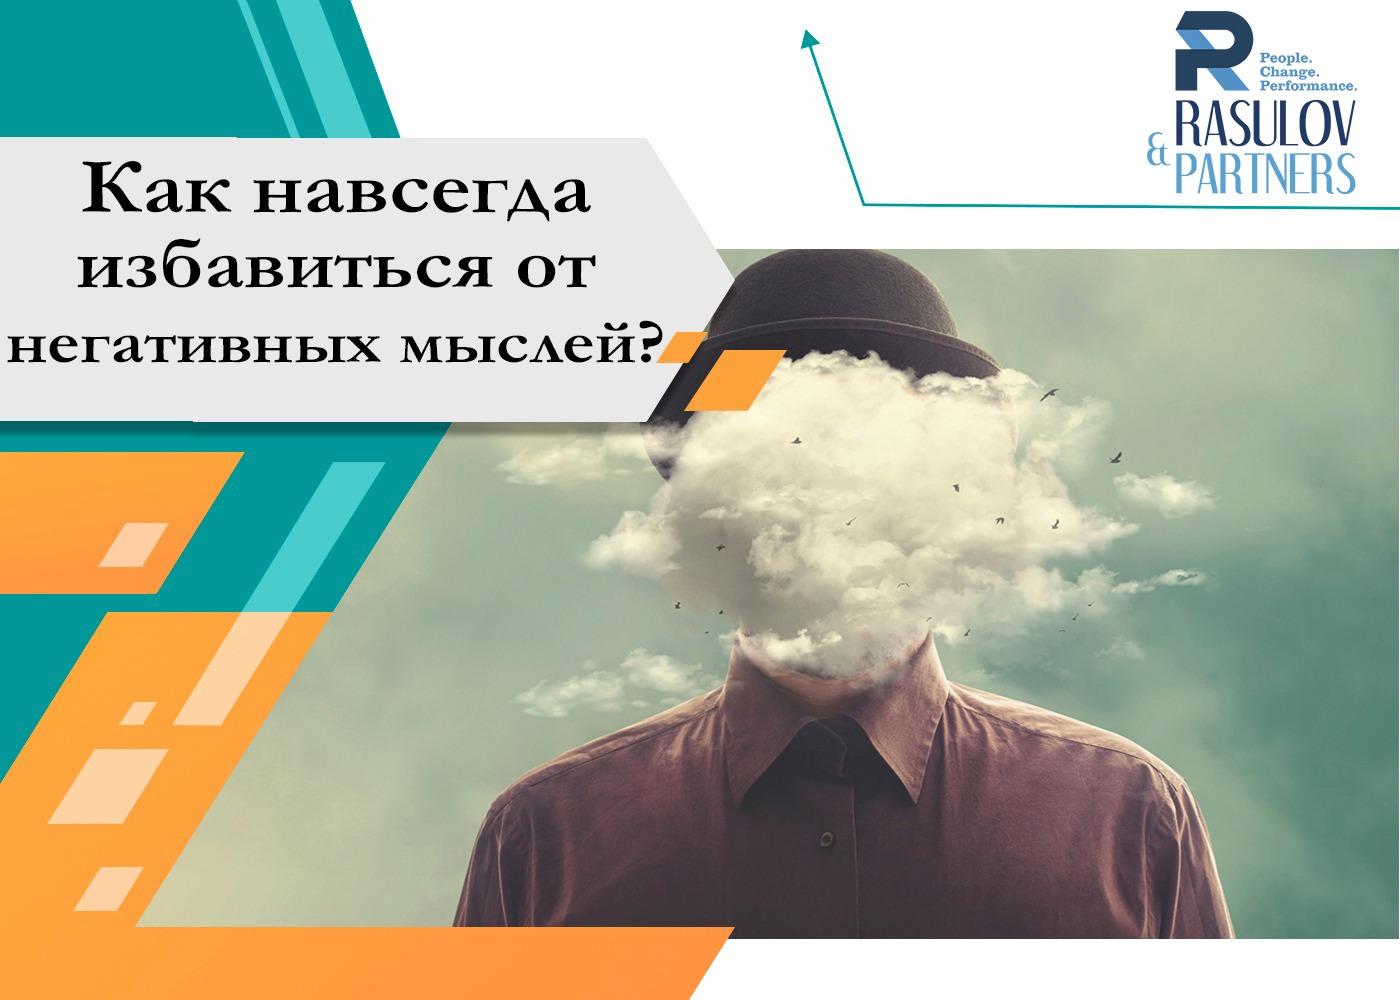 Как избавиться от негативных навязчивых мыслей